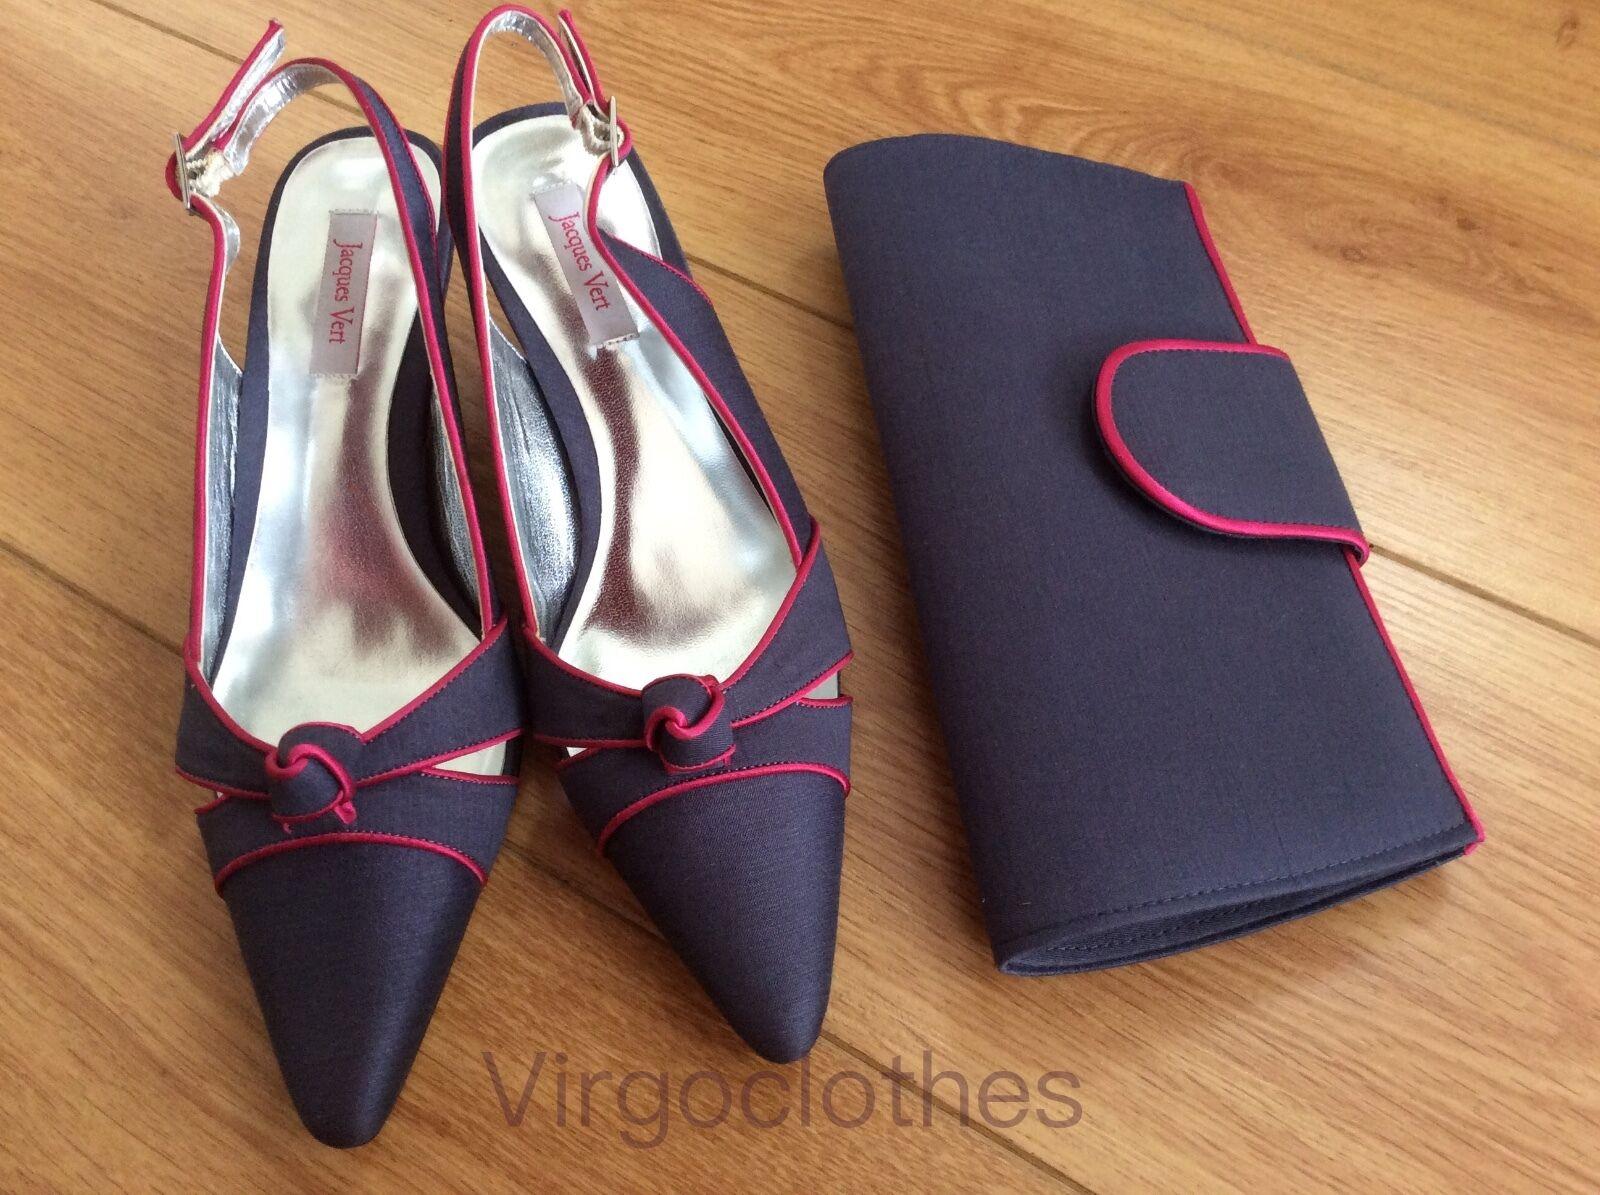 New - Gorgeous Jacques Vert Vert Vert  Schuhes & Handbag, Größe 4, Grau & Fushia Pink f2042f